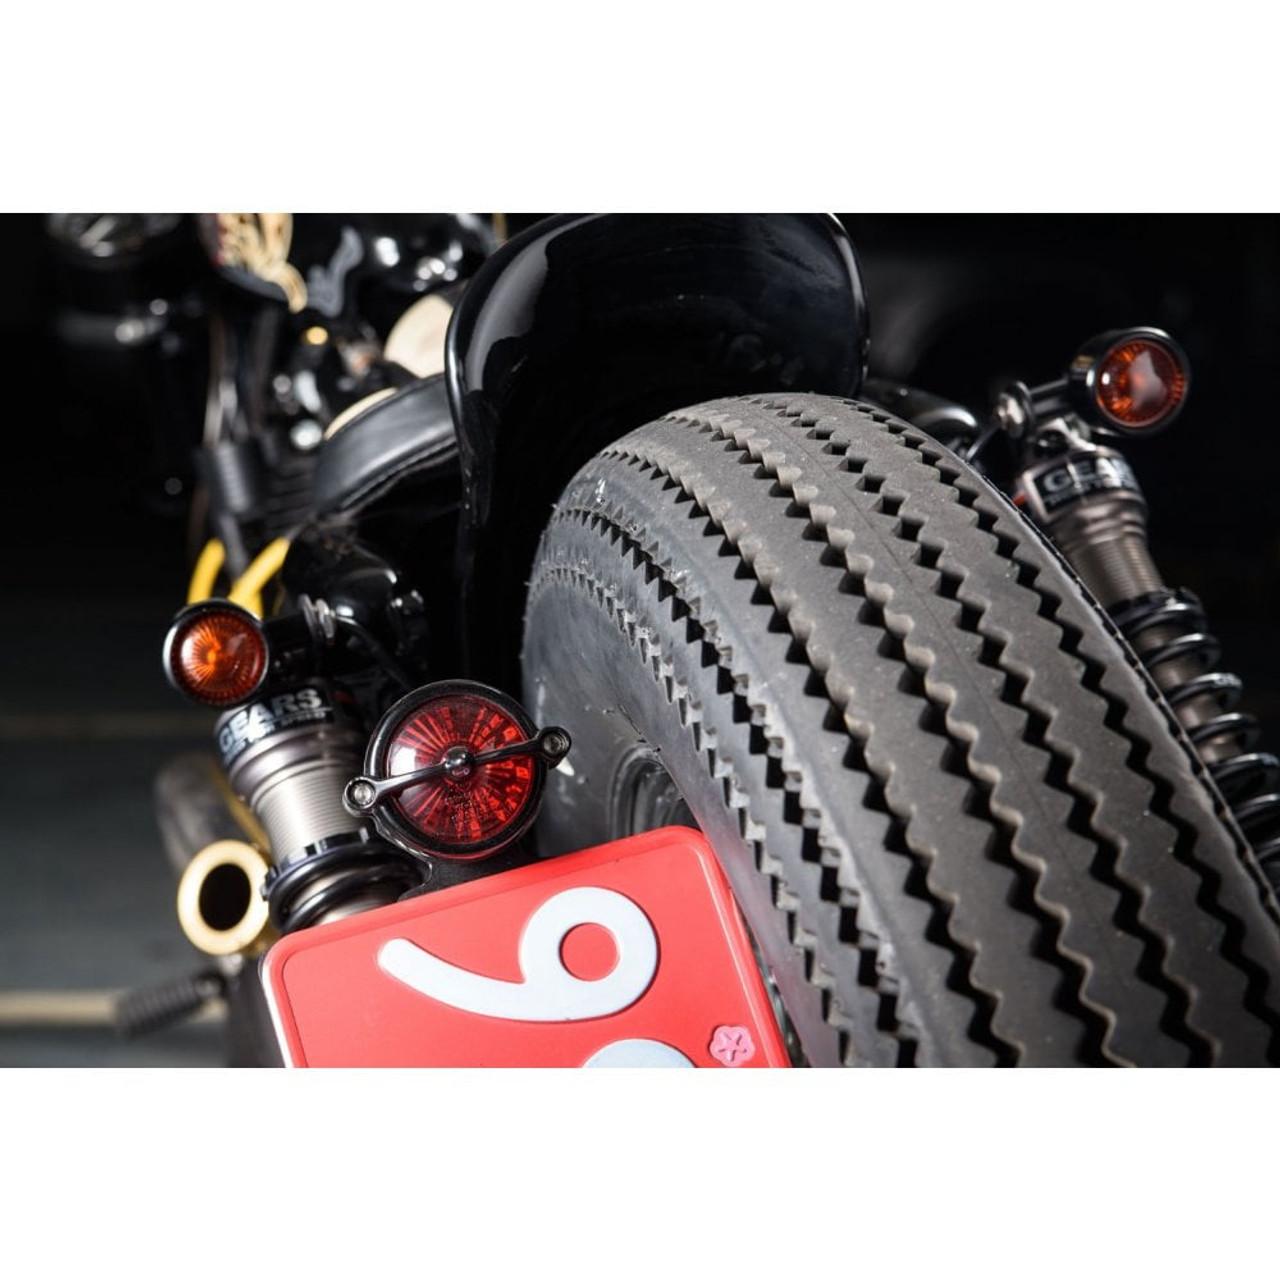 MOTONE Bel Air Tail Light - LED - Black